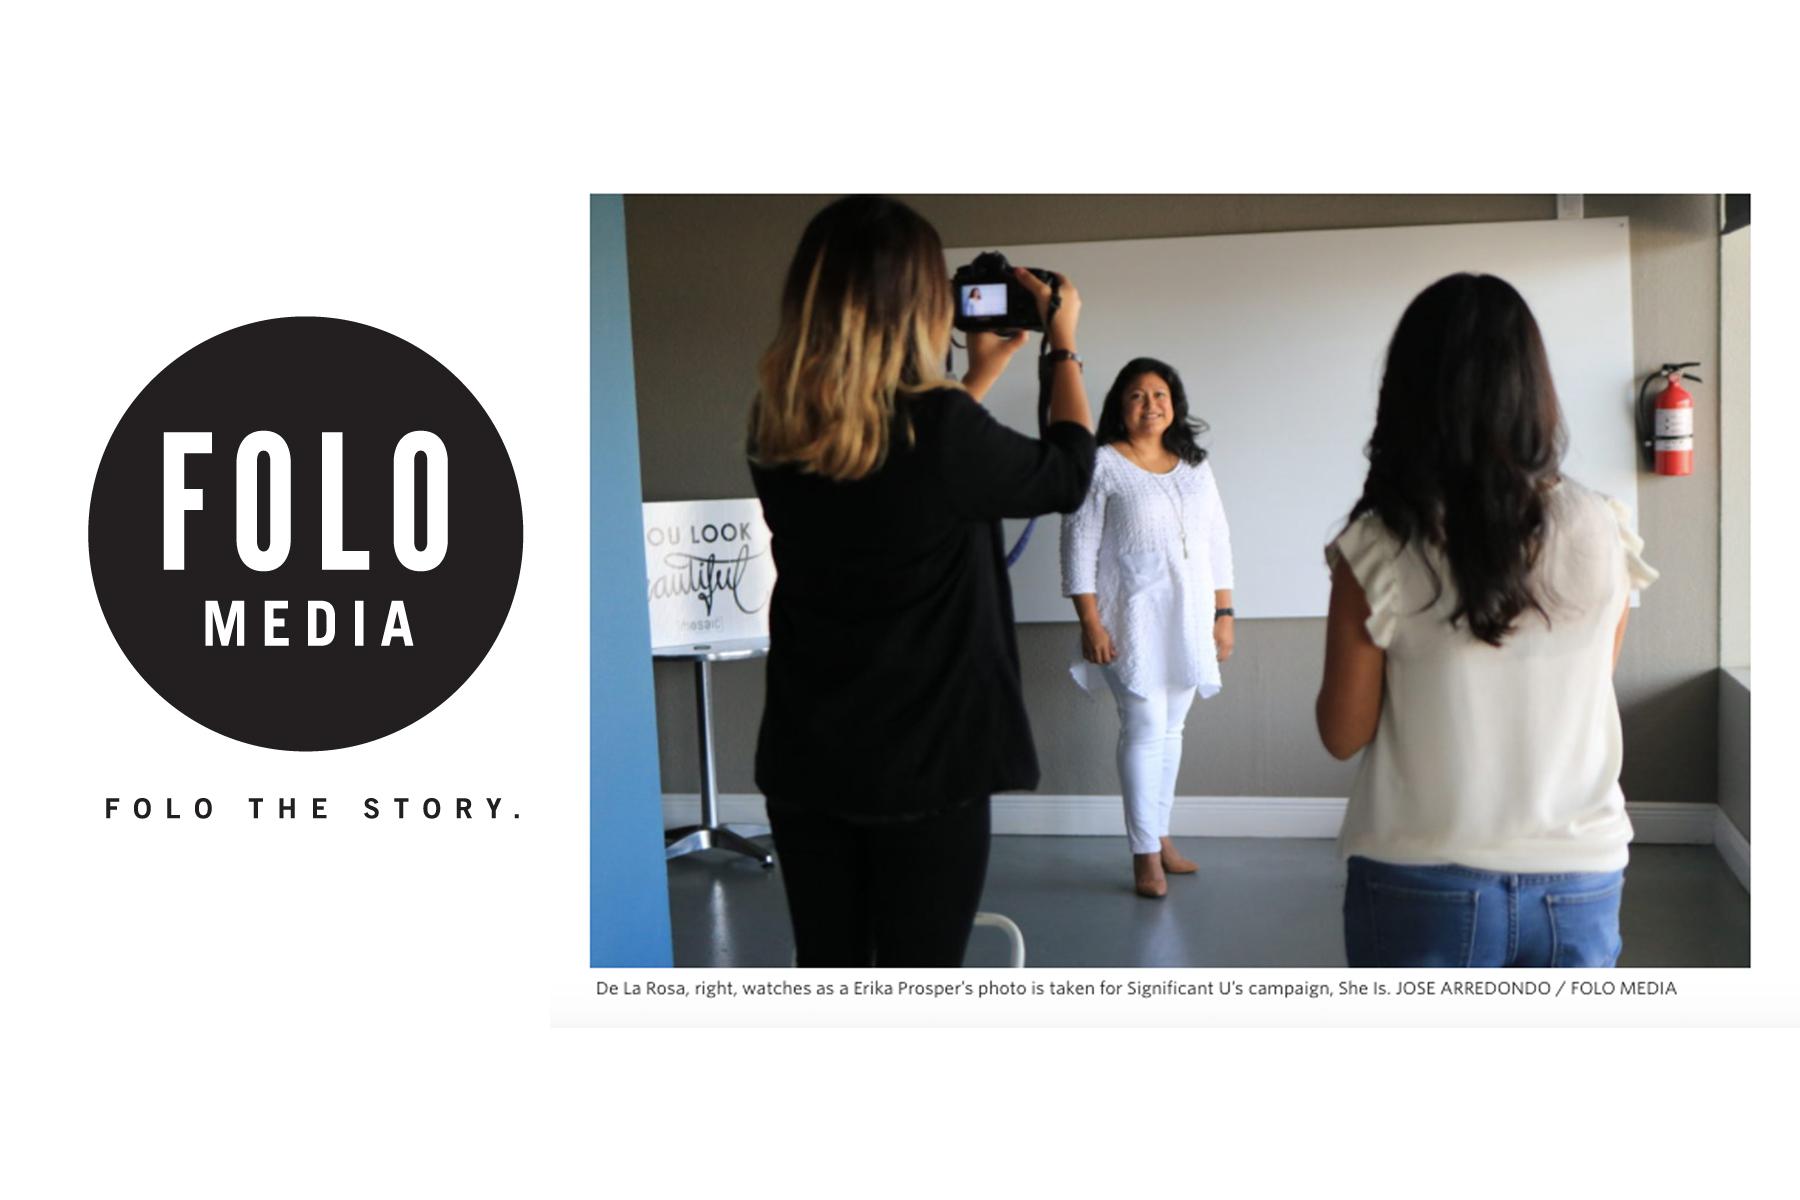 Folo Media Feature